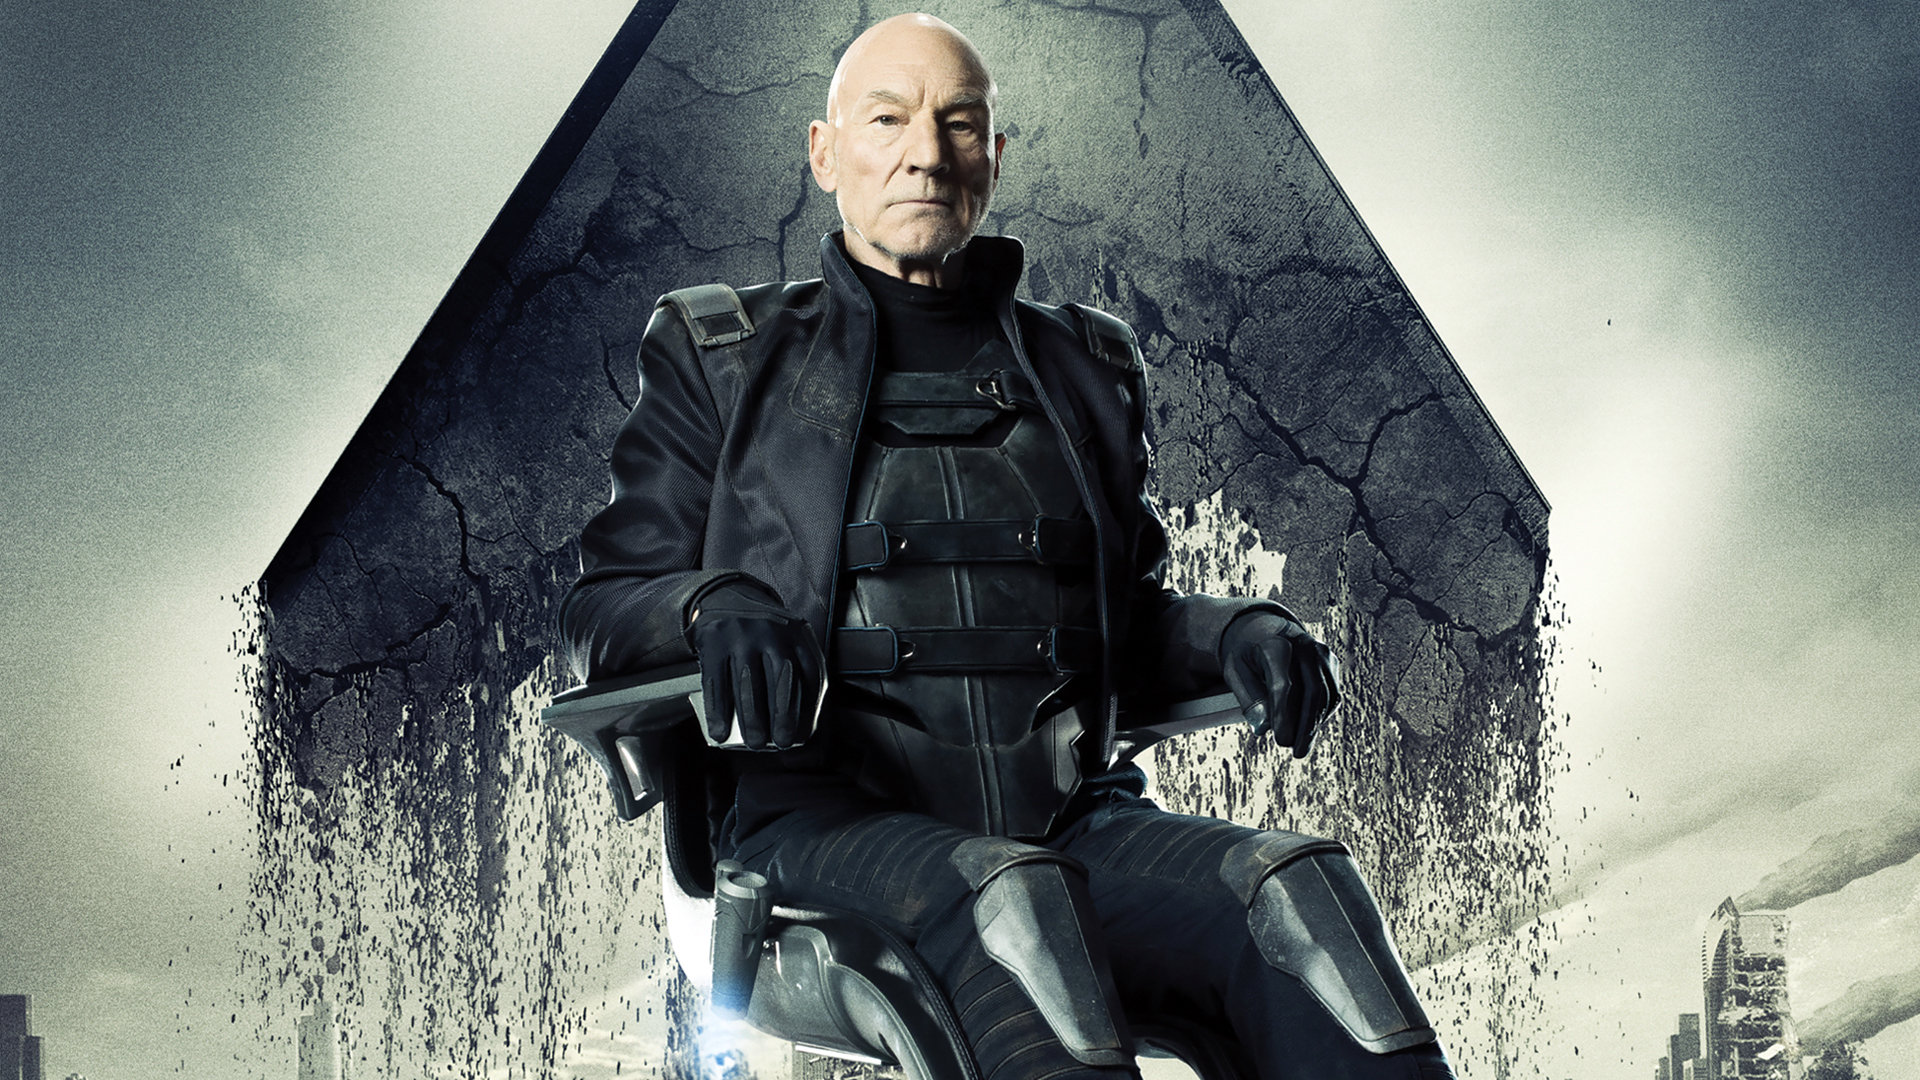 Professor X X Men 2014 Wallpaper HD